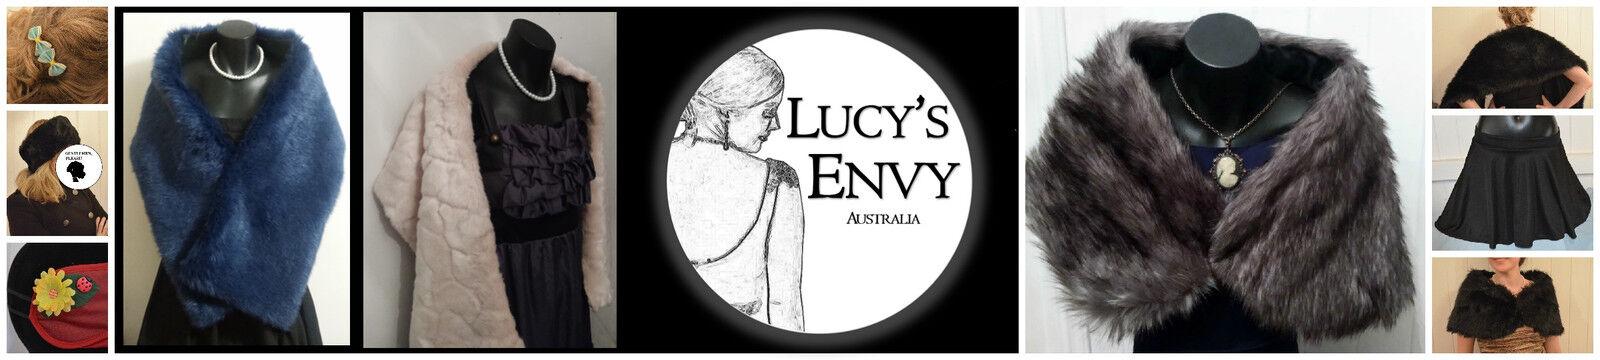 Lucy's Envy Australia